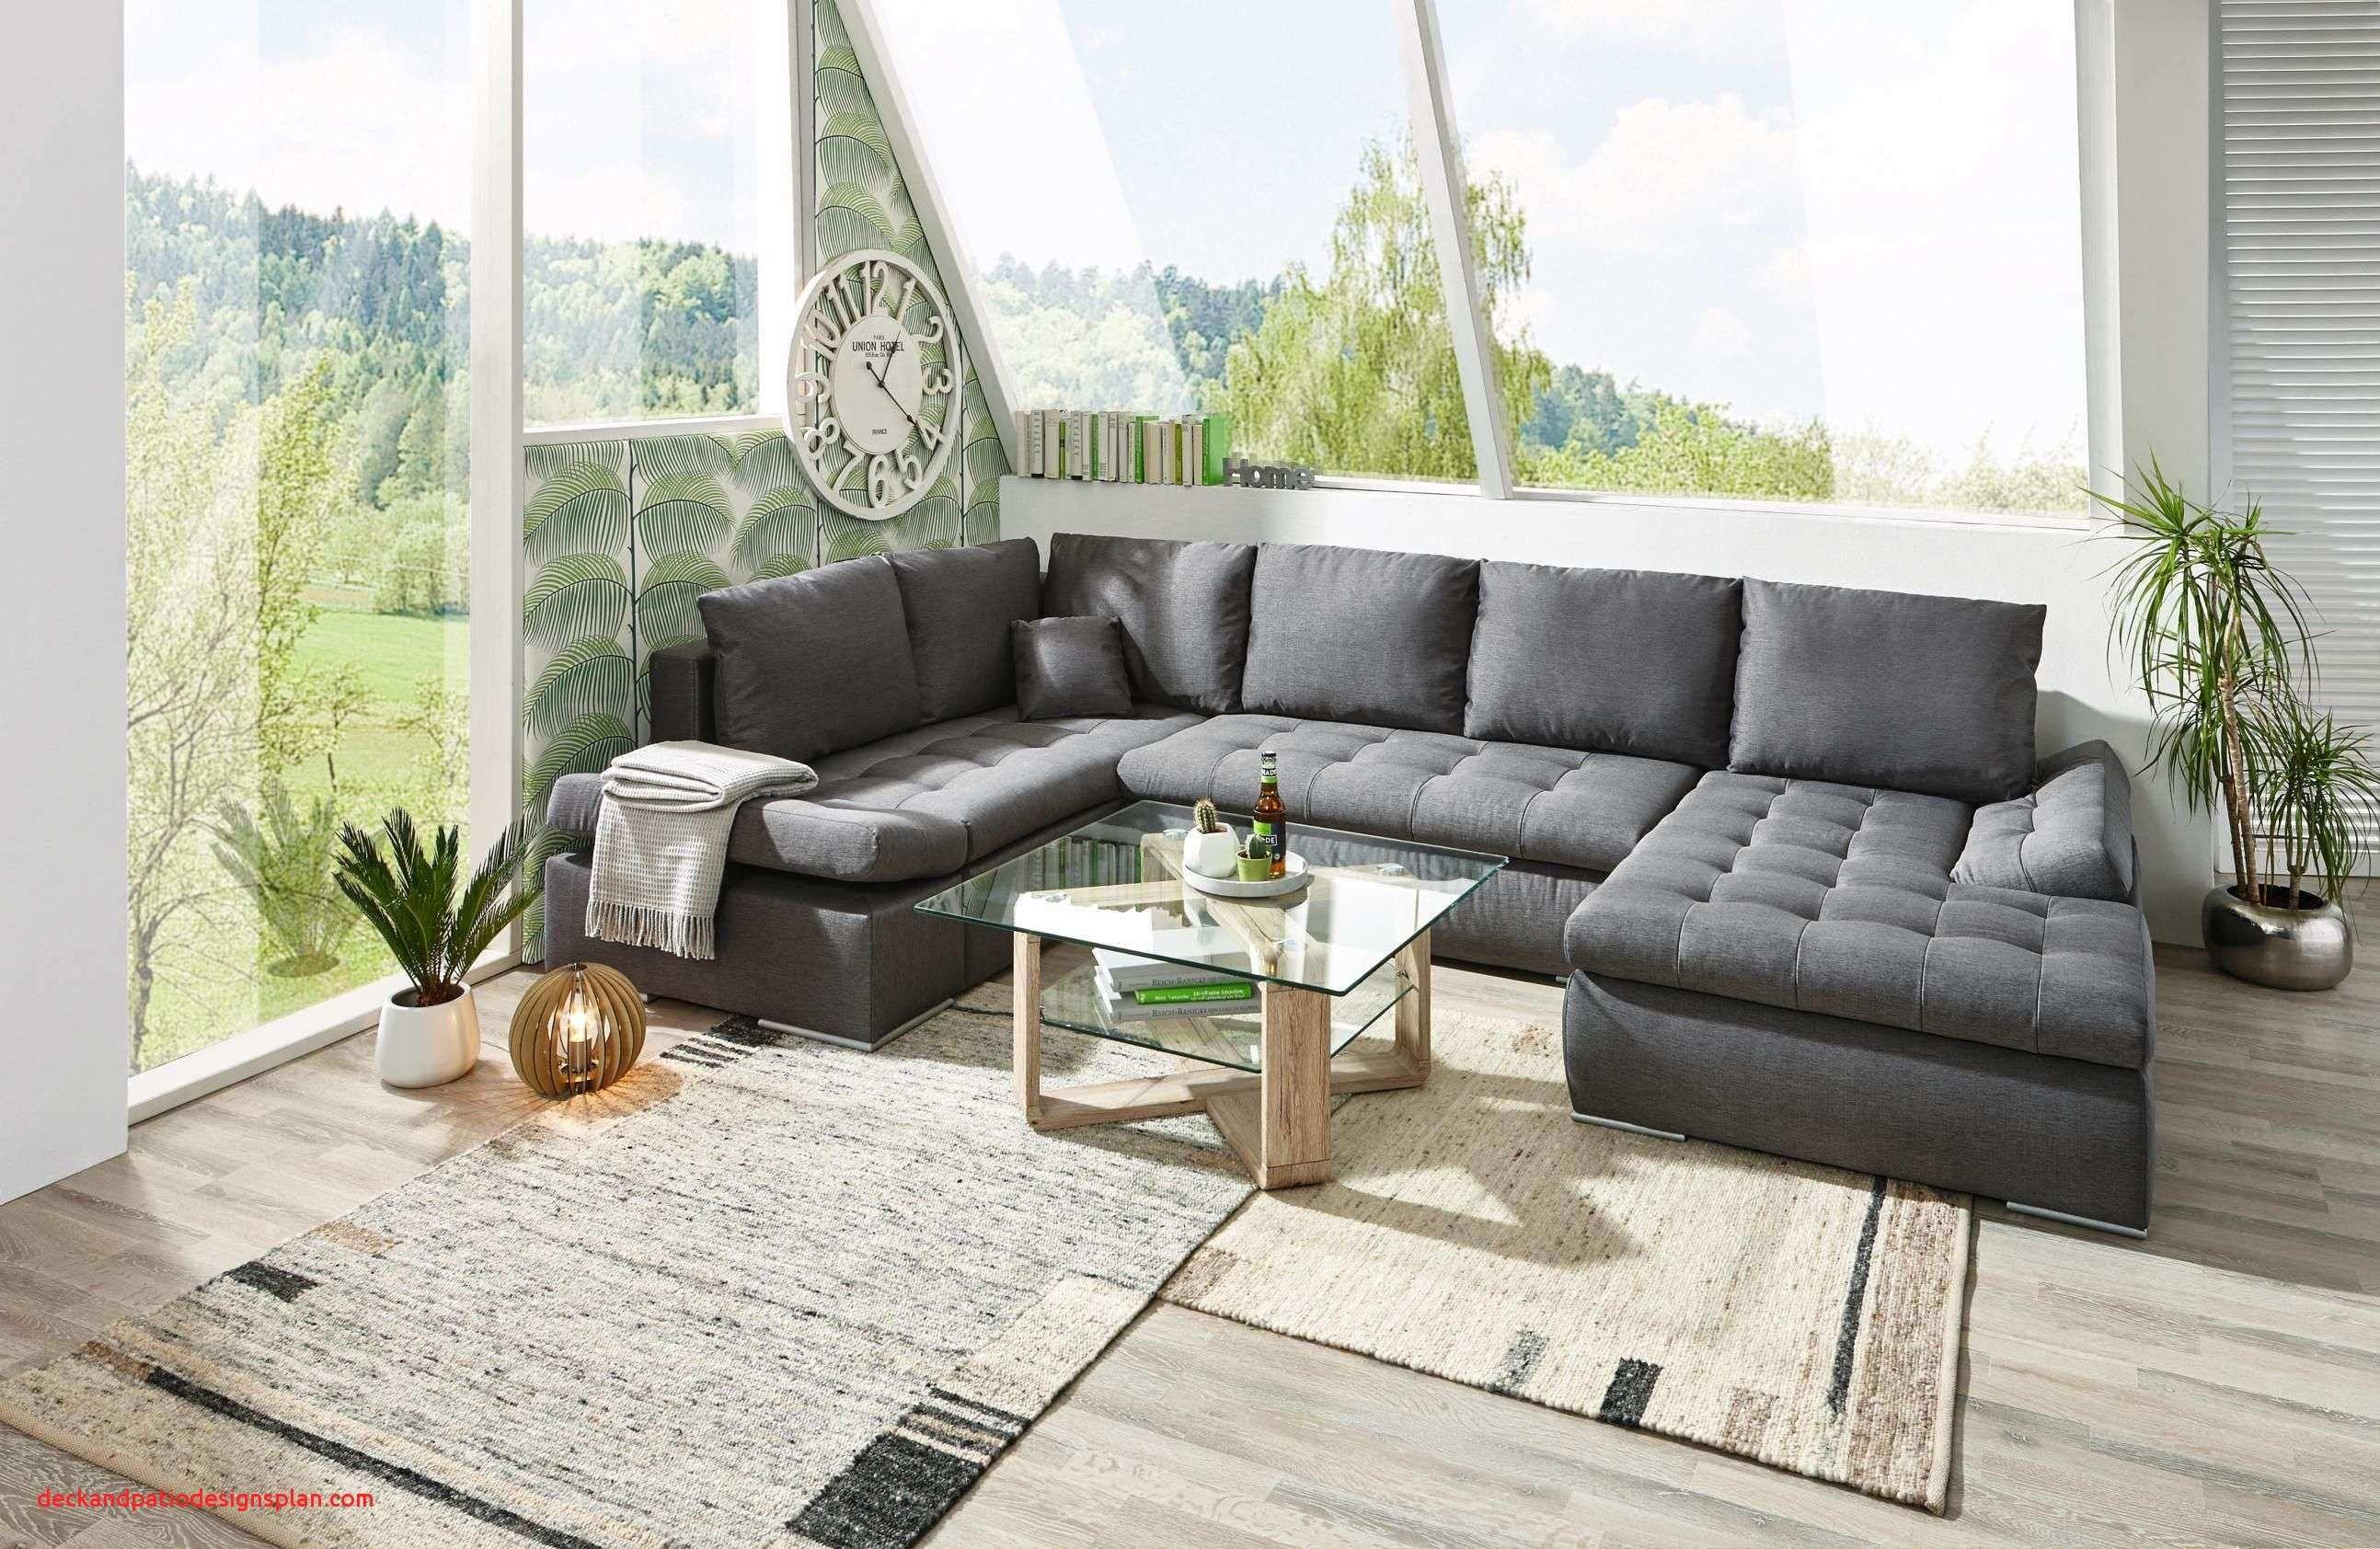 77 Pramie Bild Von Big Sofa L Form Modern Couch Home Decor